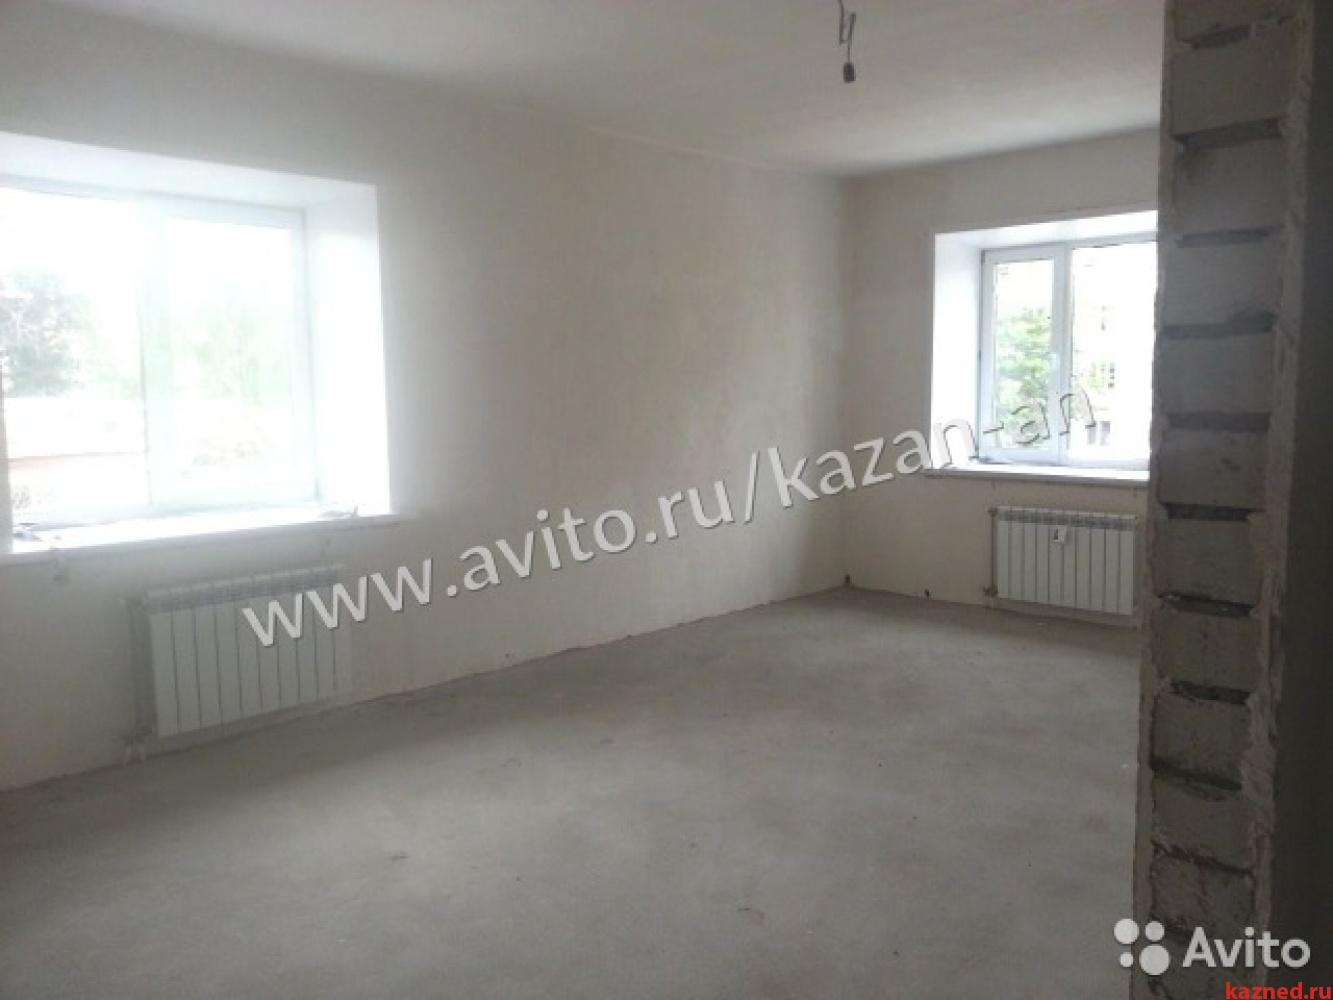 Продажа 2-к квартиры Комсомольская, д. 26, 74 м2  (миниатюра №9)